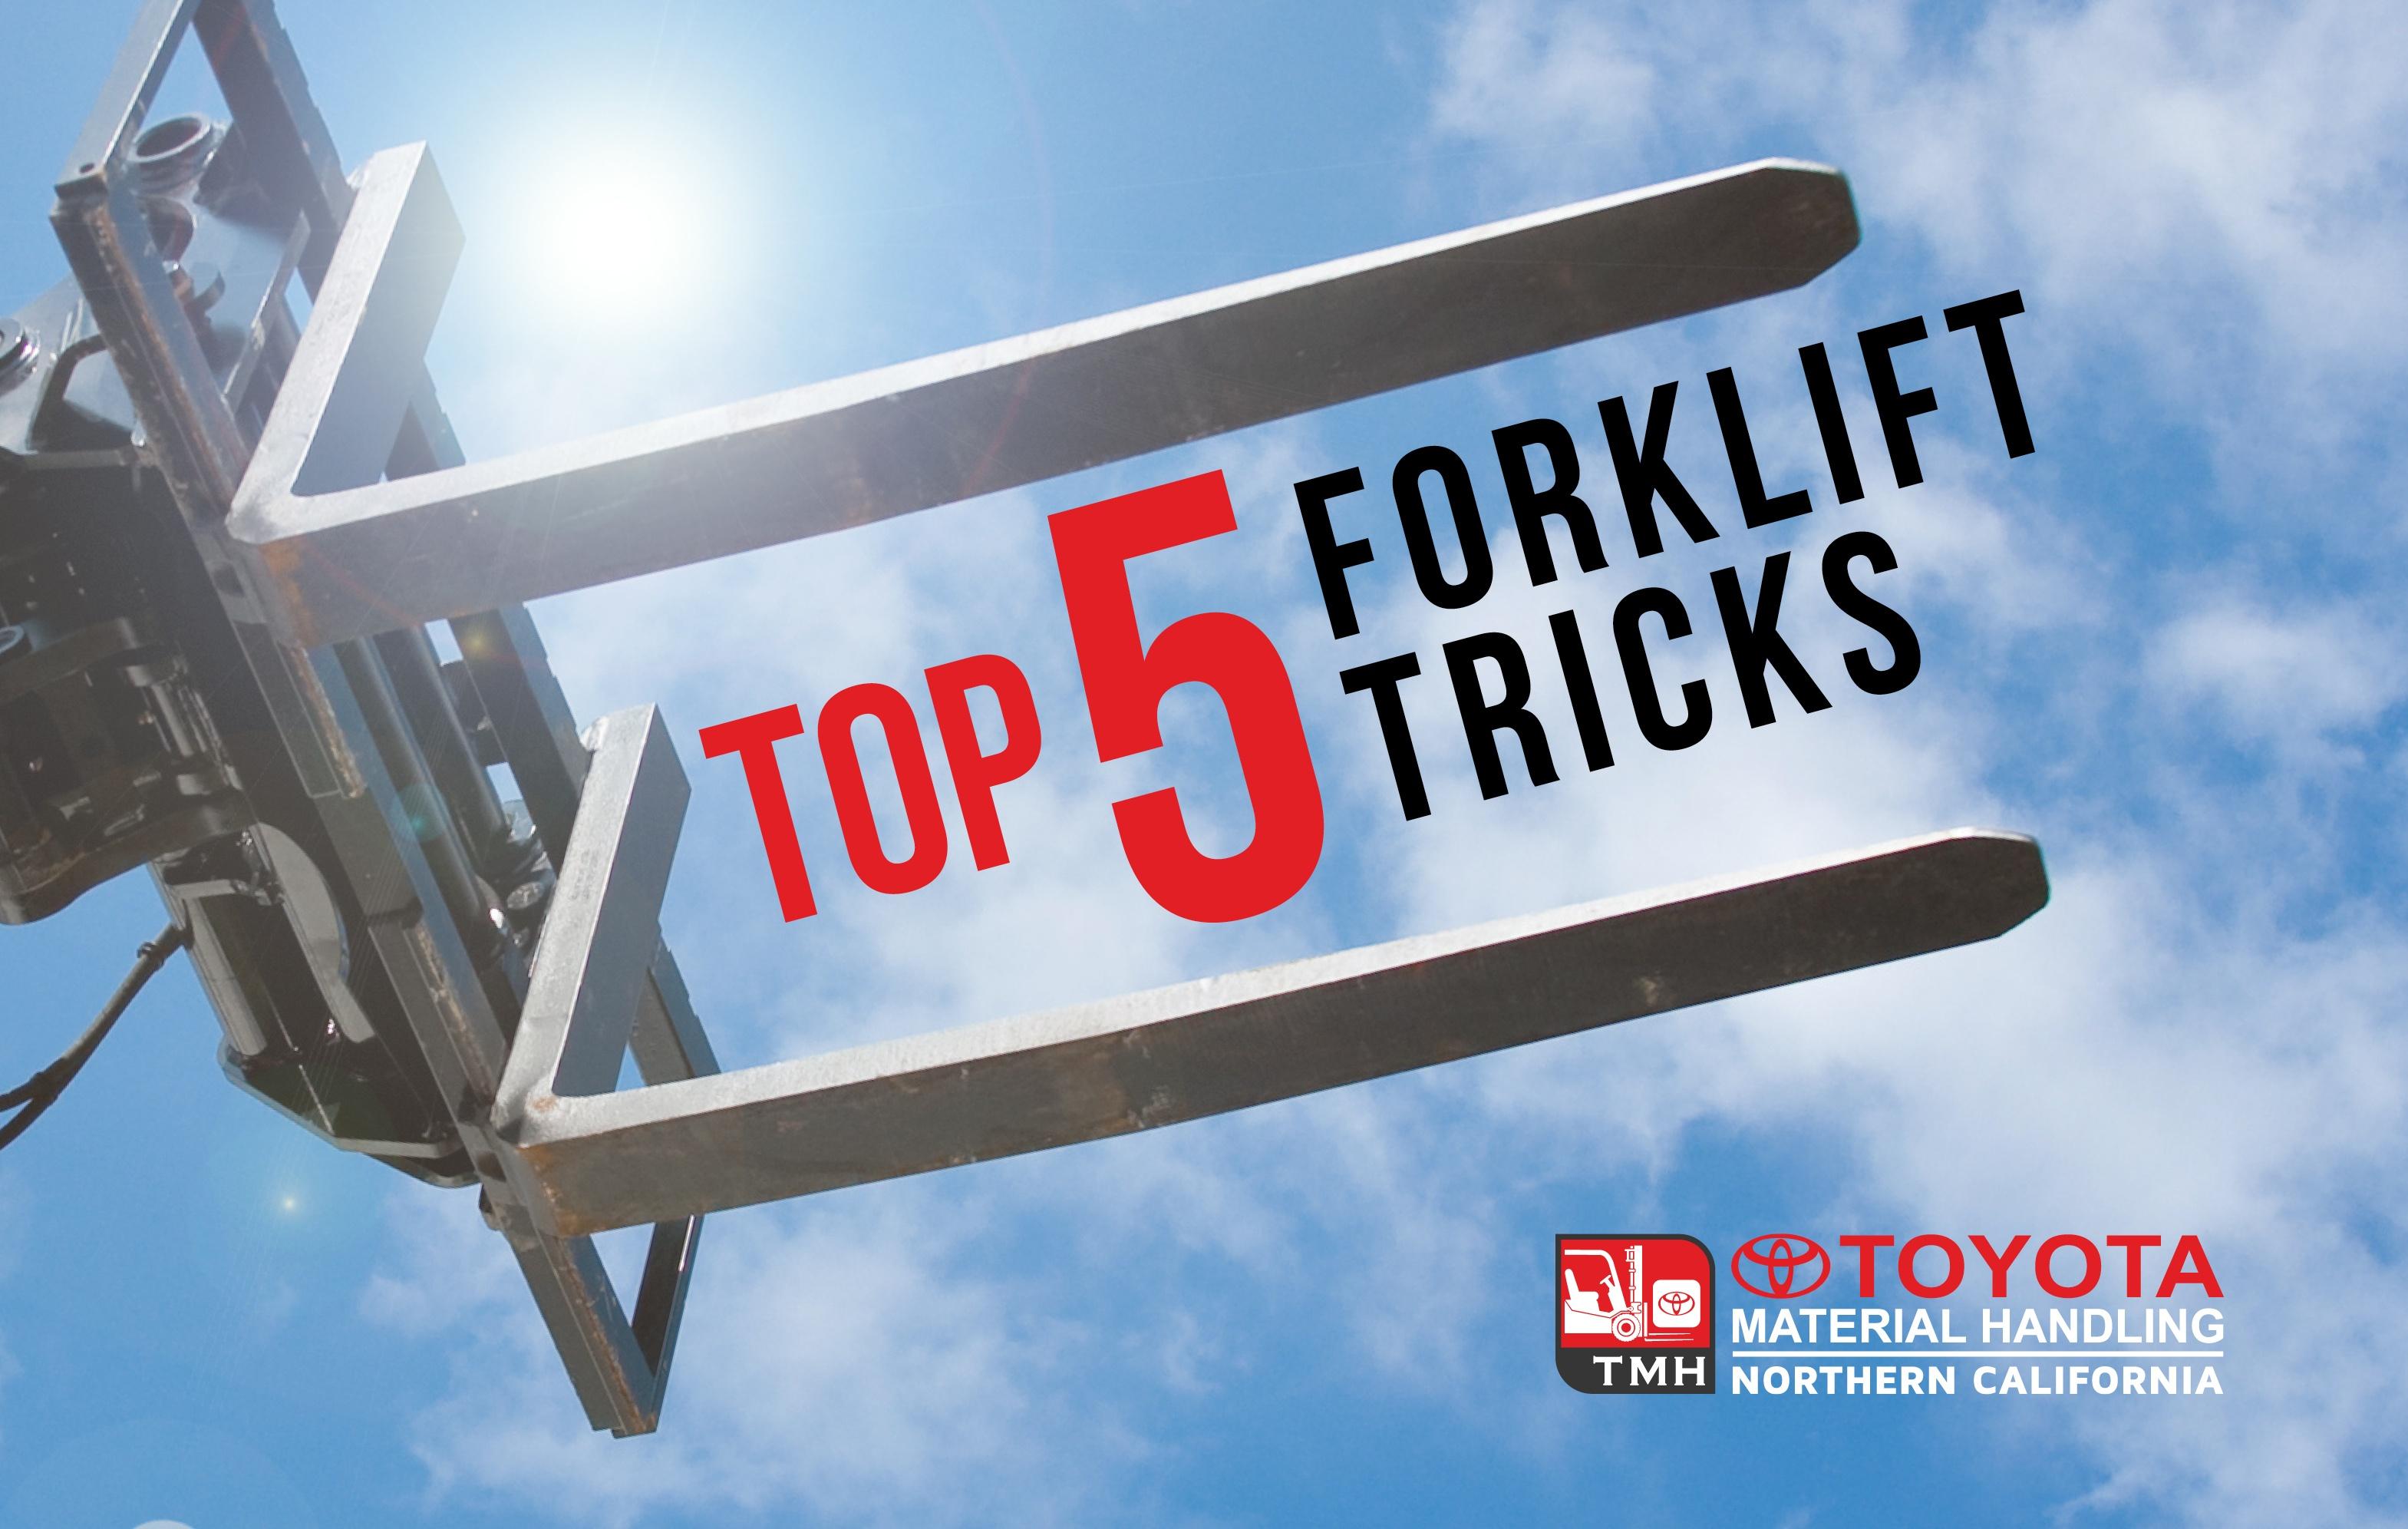 top 5 forklift tricks